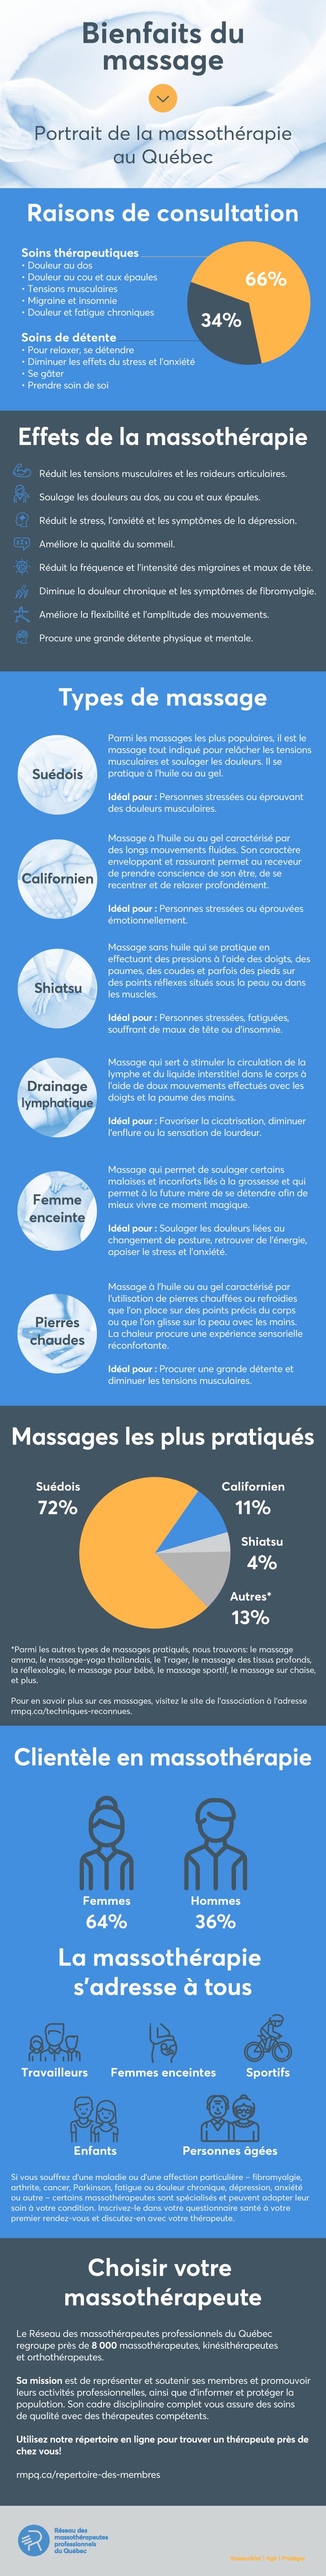 Infographie bienfaits du massage